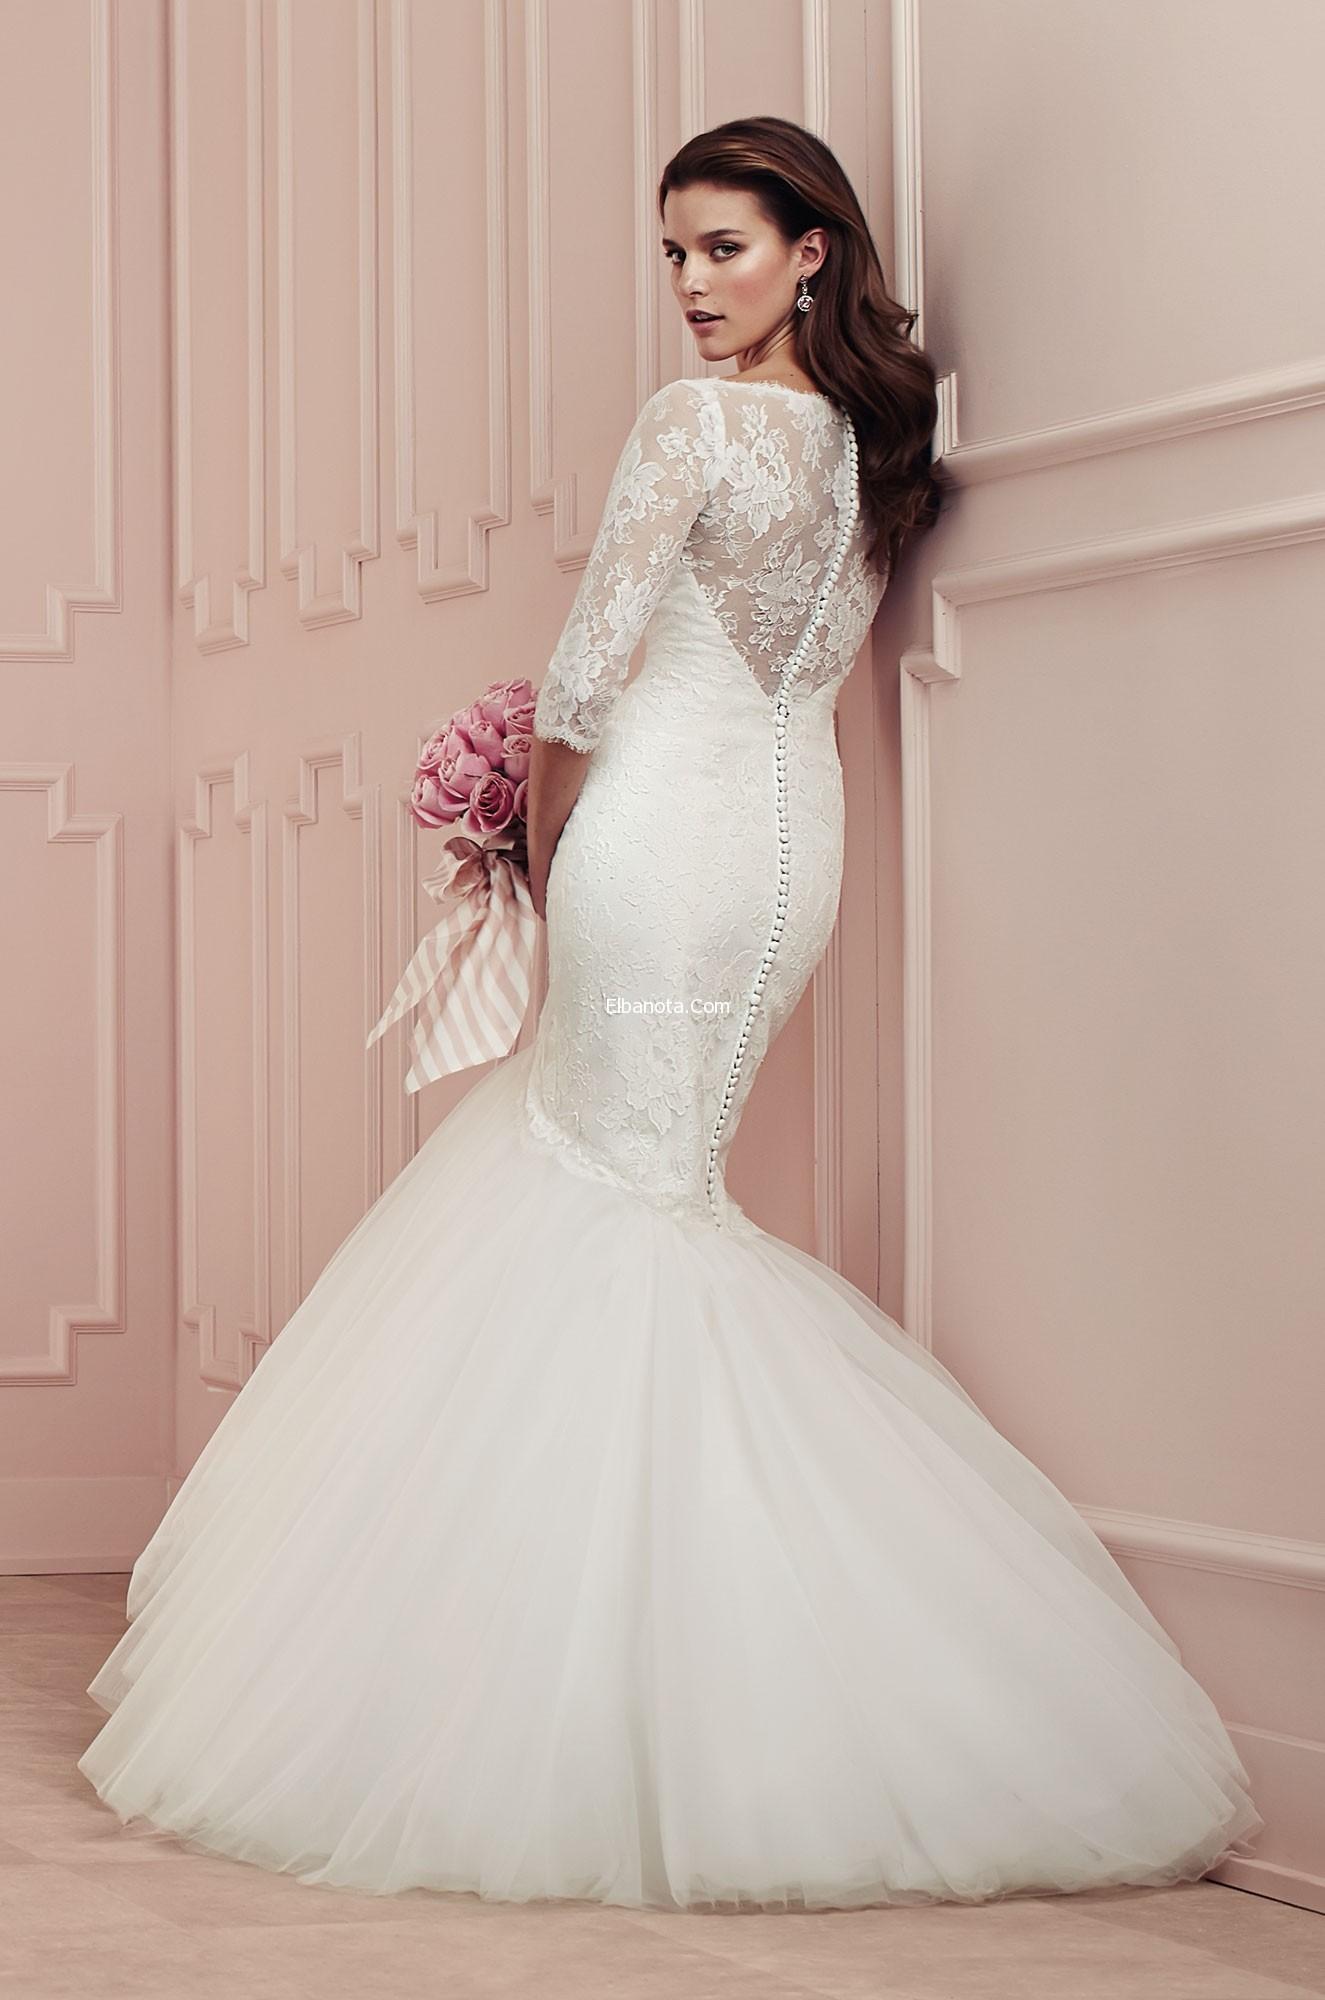 بالصور صور فساتين اعراس ناعمة , فستان ليلة العمر 331 4